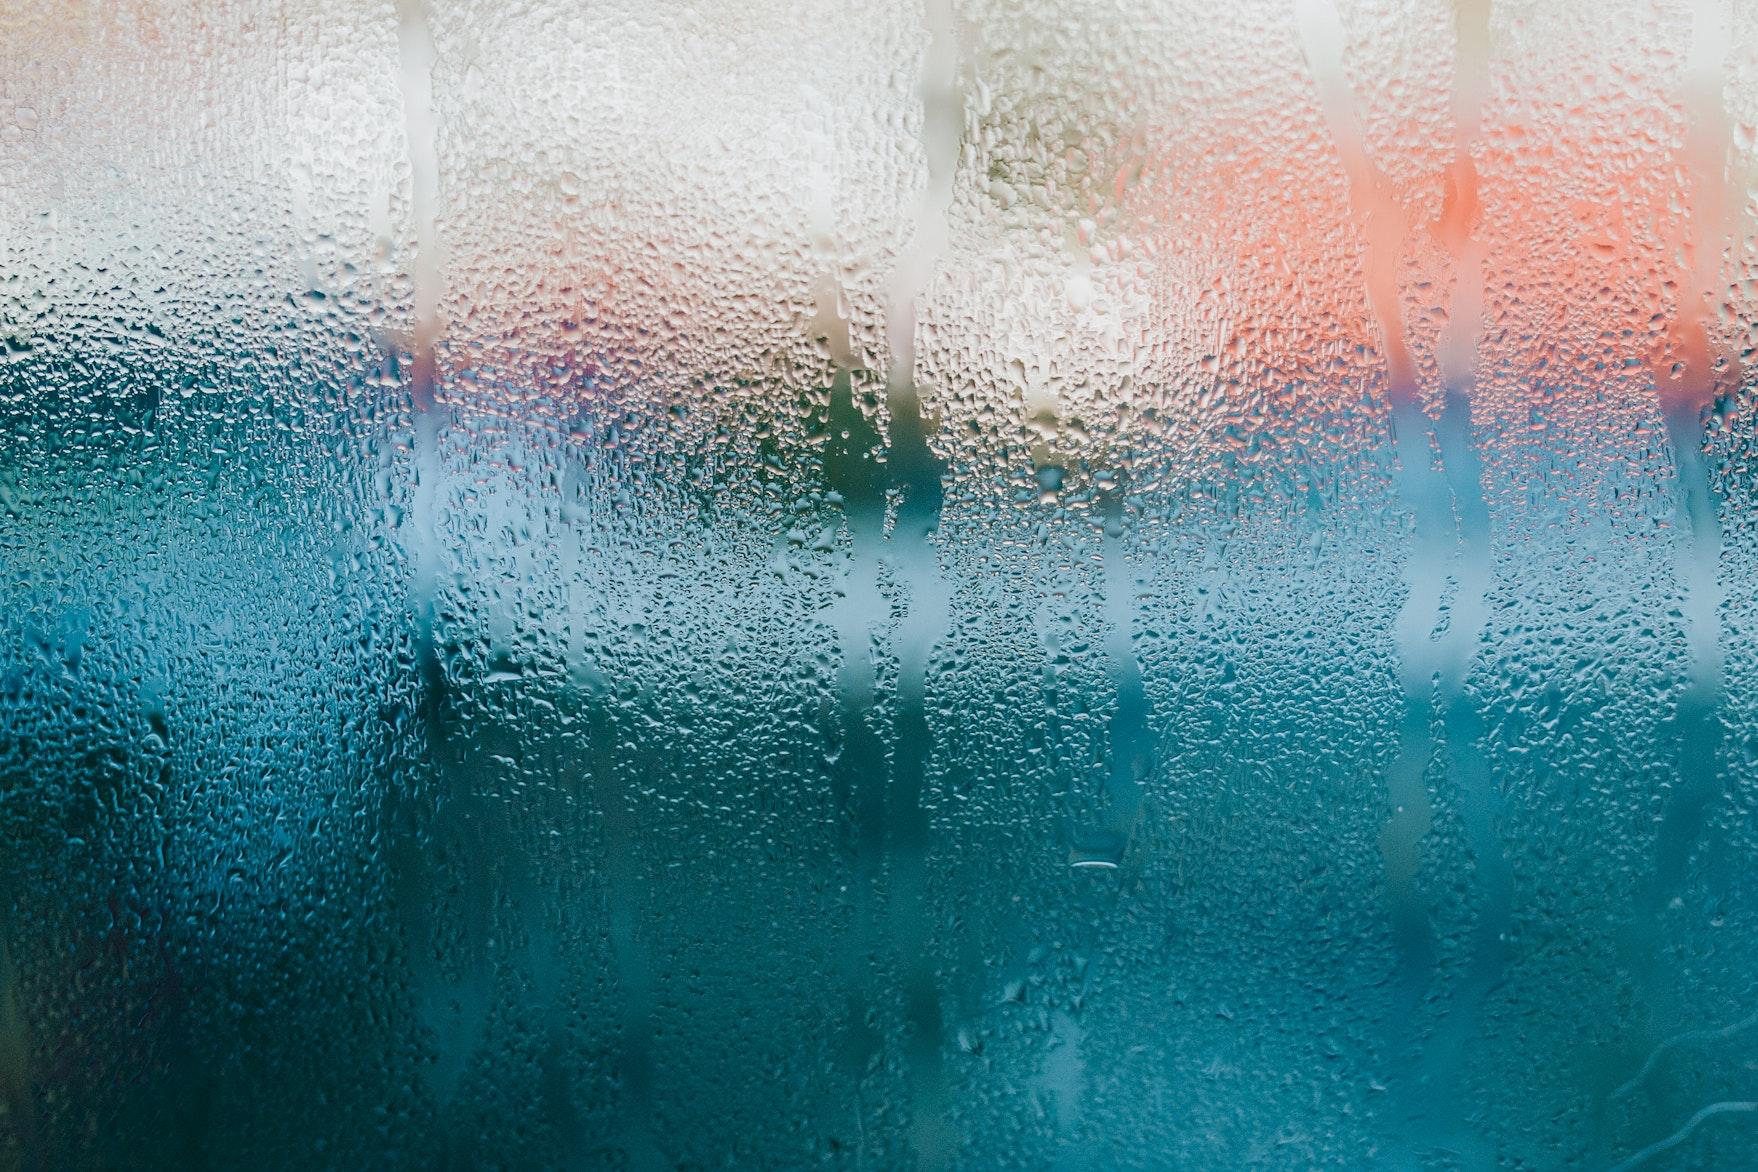 Ejemplos de aplicaciones residenciales, industriales y comerciales de equipos de agua caliente, aire caliente y control de humedad